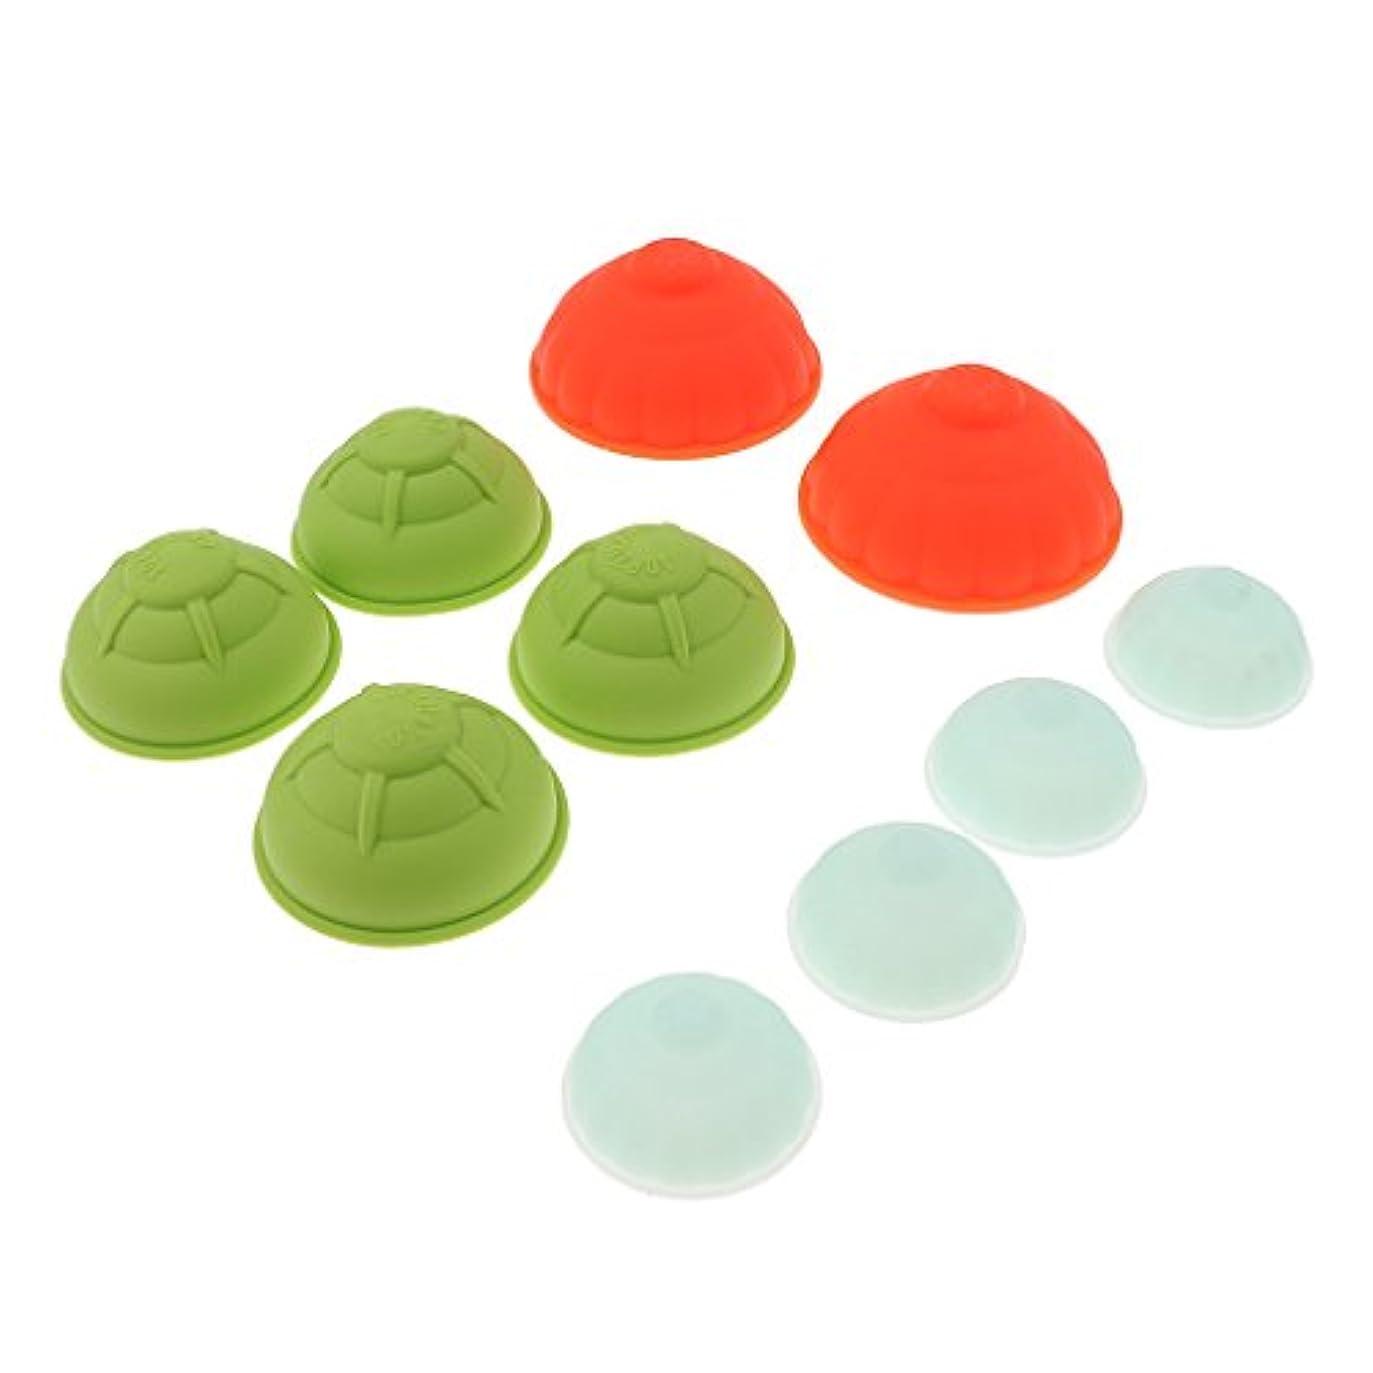 メニュー娯楽拡張カッピングカップ 10個 シリコン 真空 マッサージ カッピングカップセット